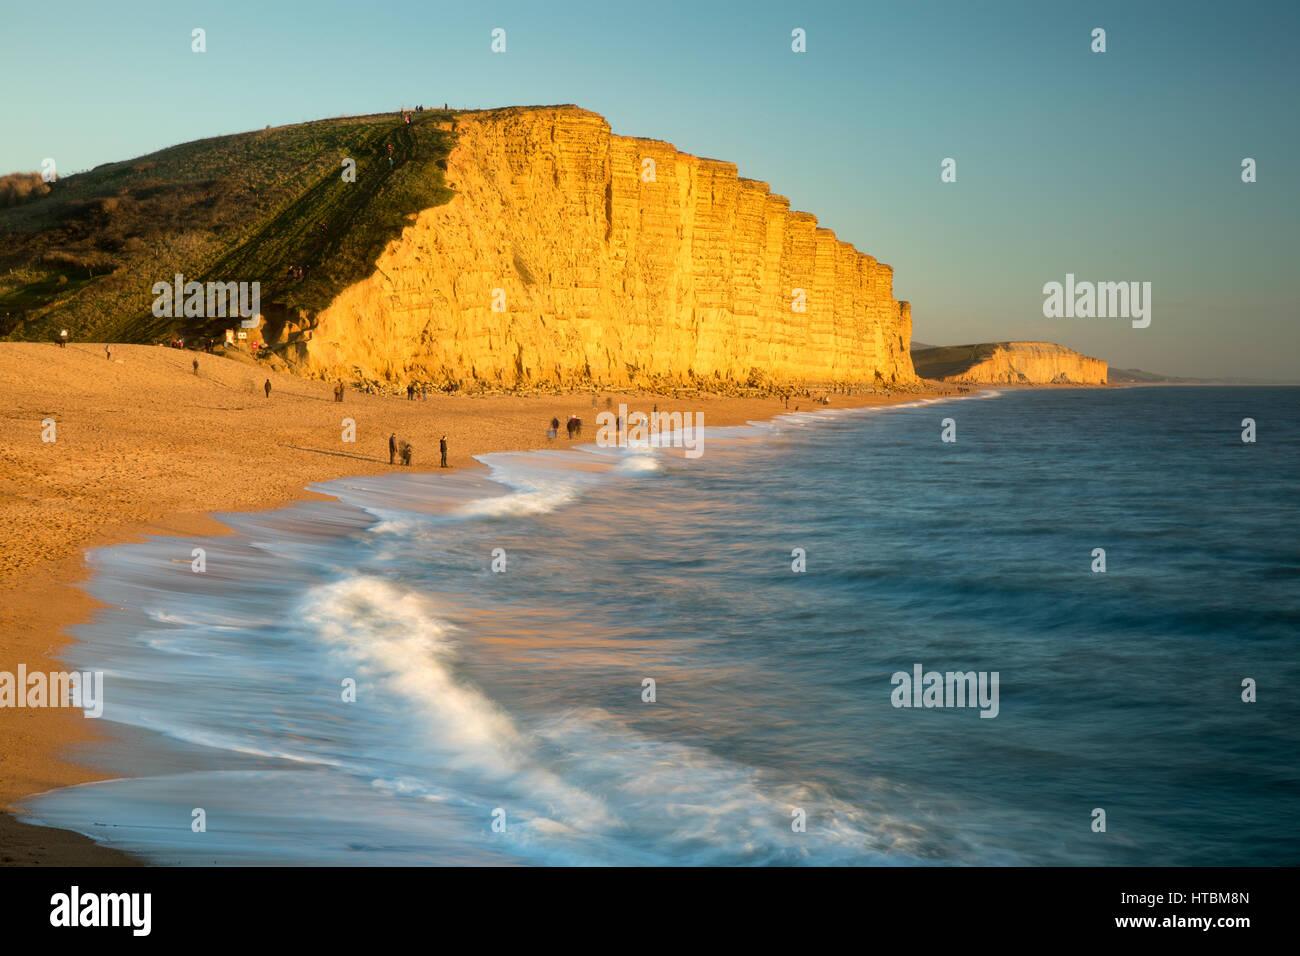 La plage ci-dessous East Cliff, West Bay, sur la côte jurassique, Dorset, England, UK Photo Stock